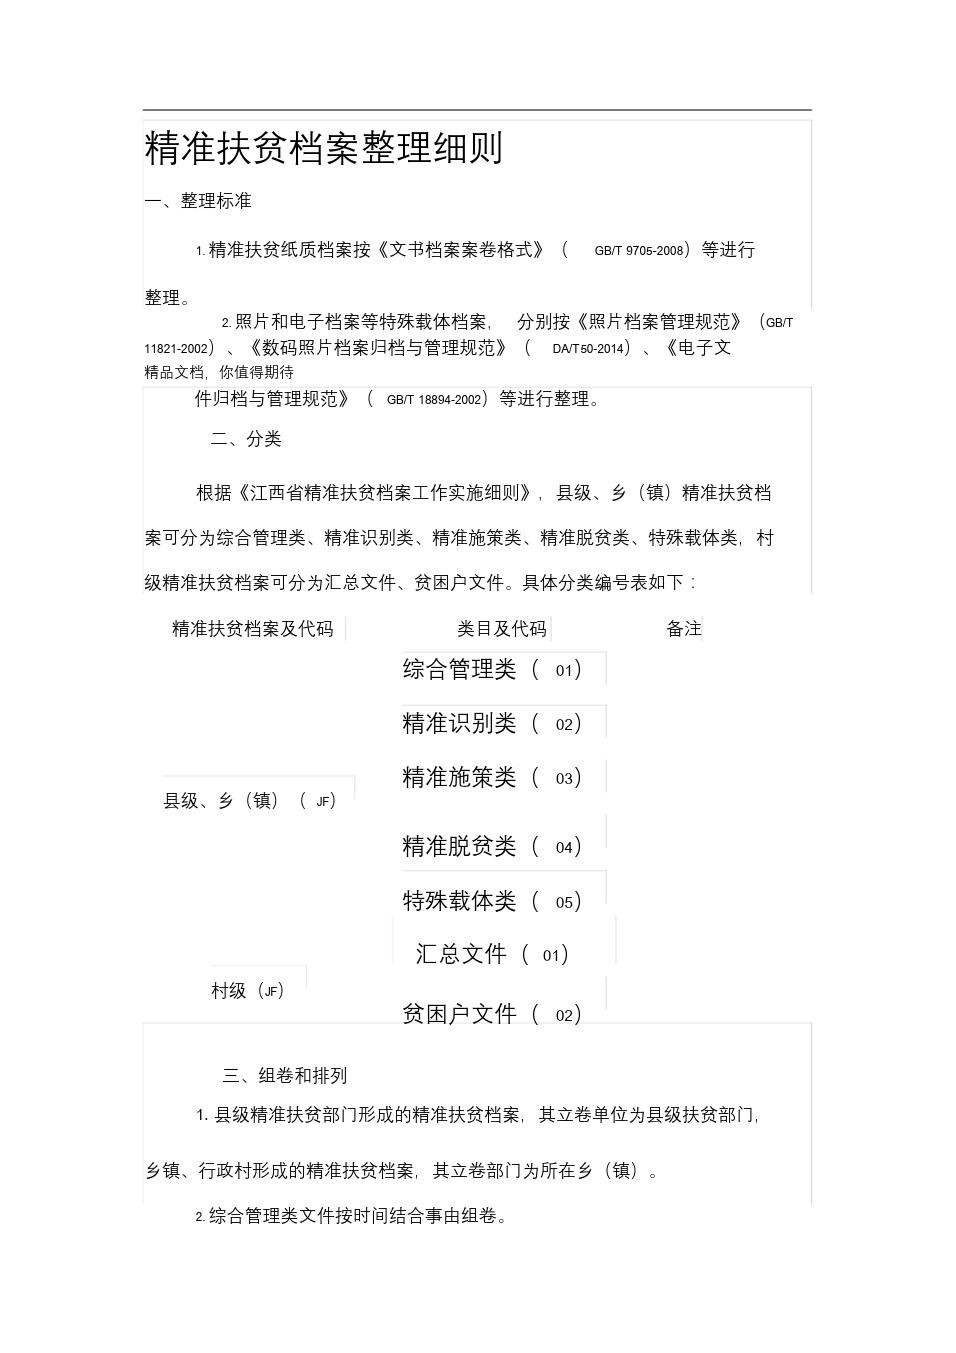 精准扶贫档案整理细则-精选-新版.doc